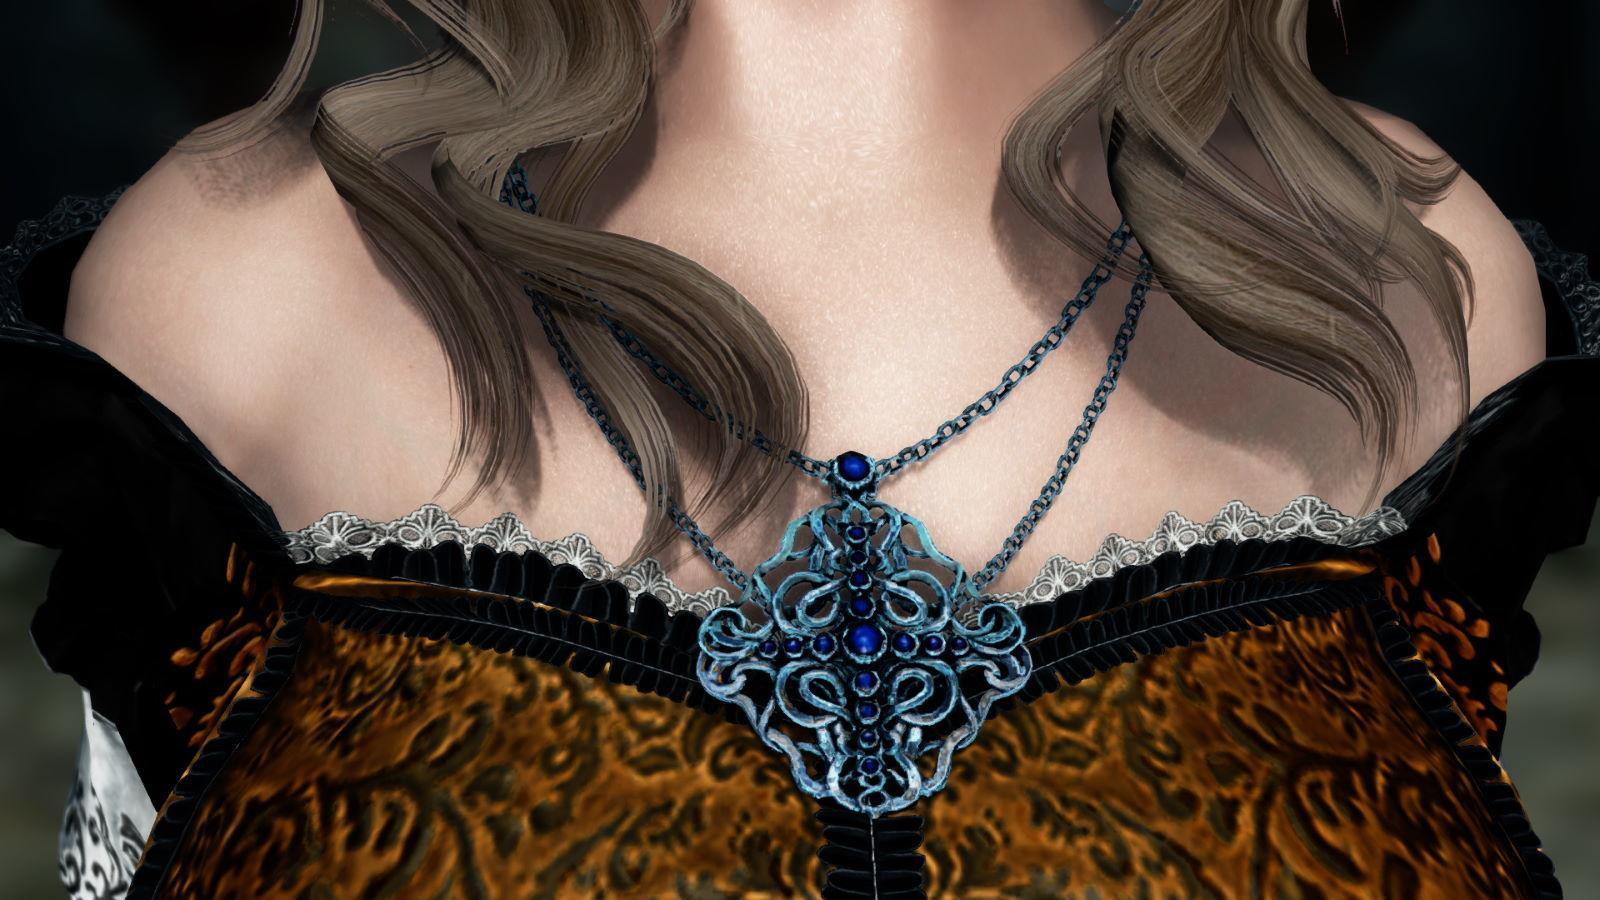 FullInuEliseDressSK 281-1 Pose Necklace Silver 1